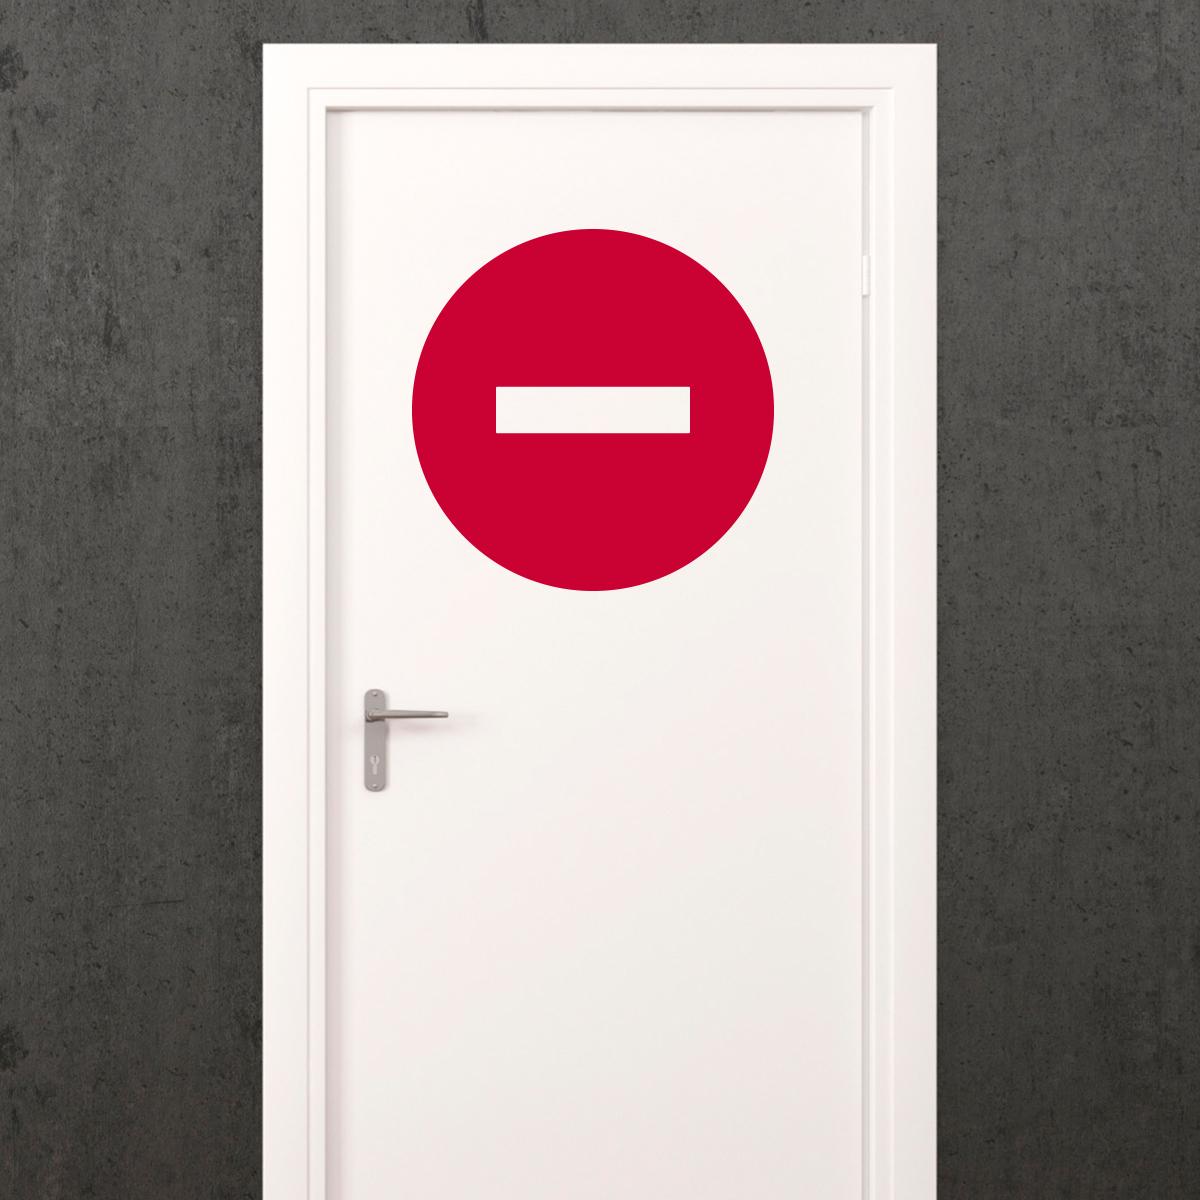 Sticker porte signaltique Sens interdit  Stickers Chambre Ado Garon  ambiancesticker